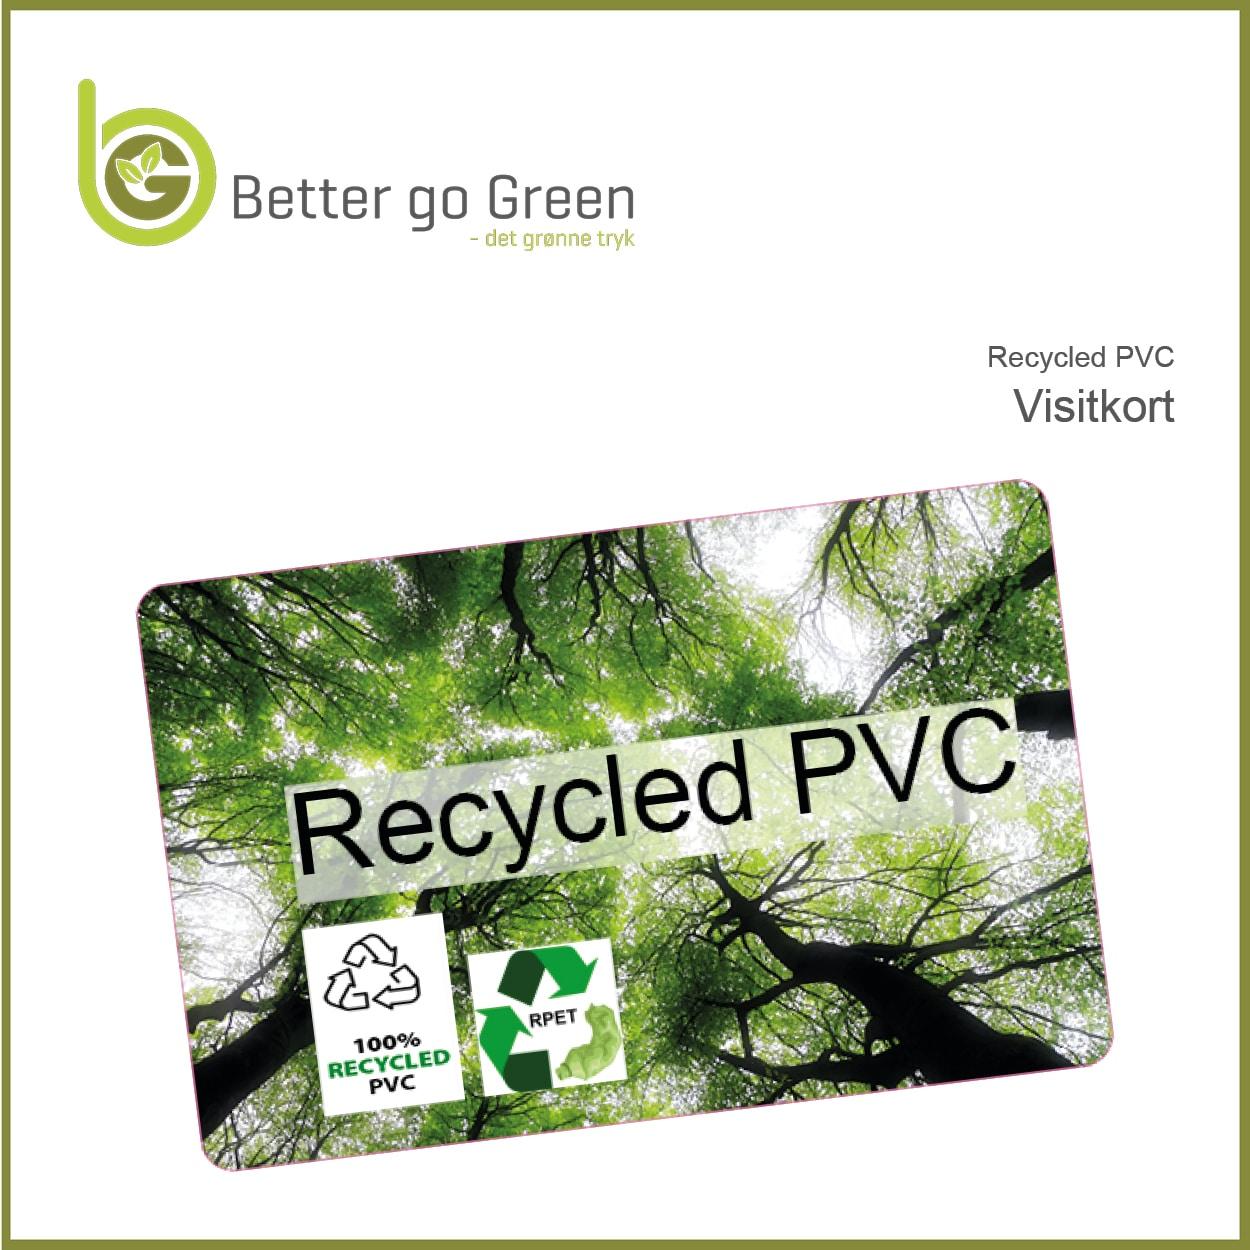 Visitkort af 100% RECYCLED PVC. BetterGoGreen.dk